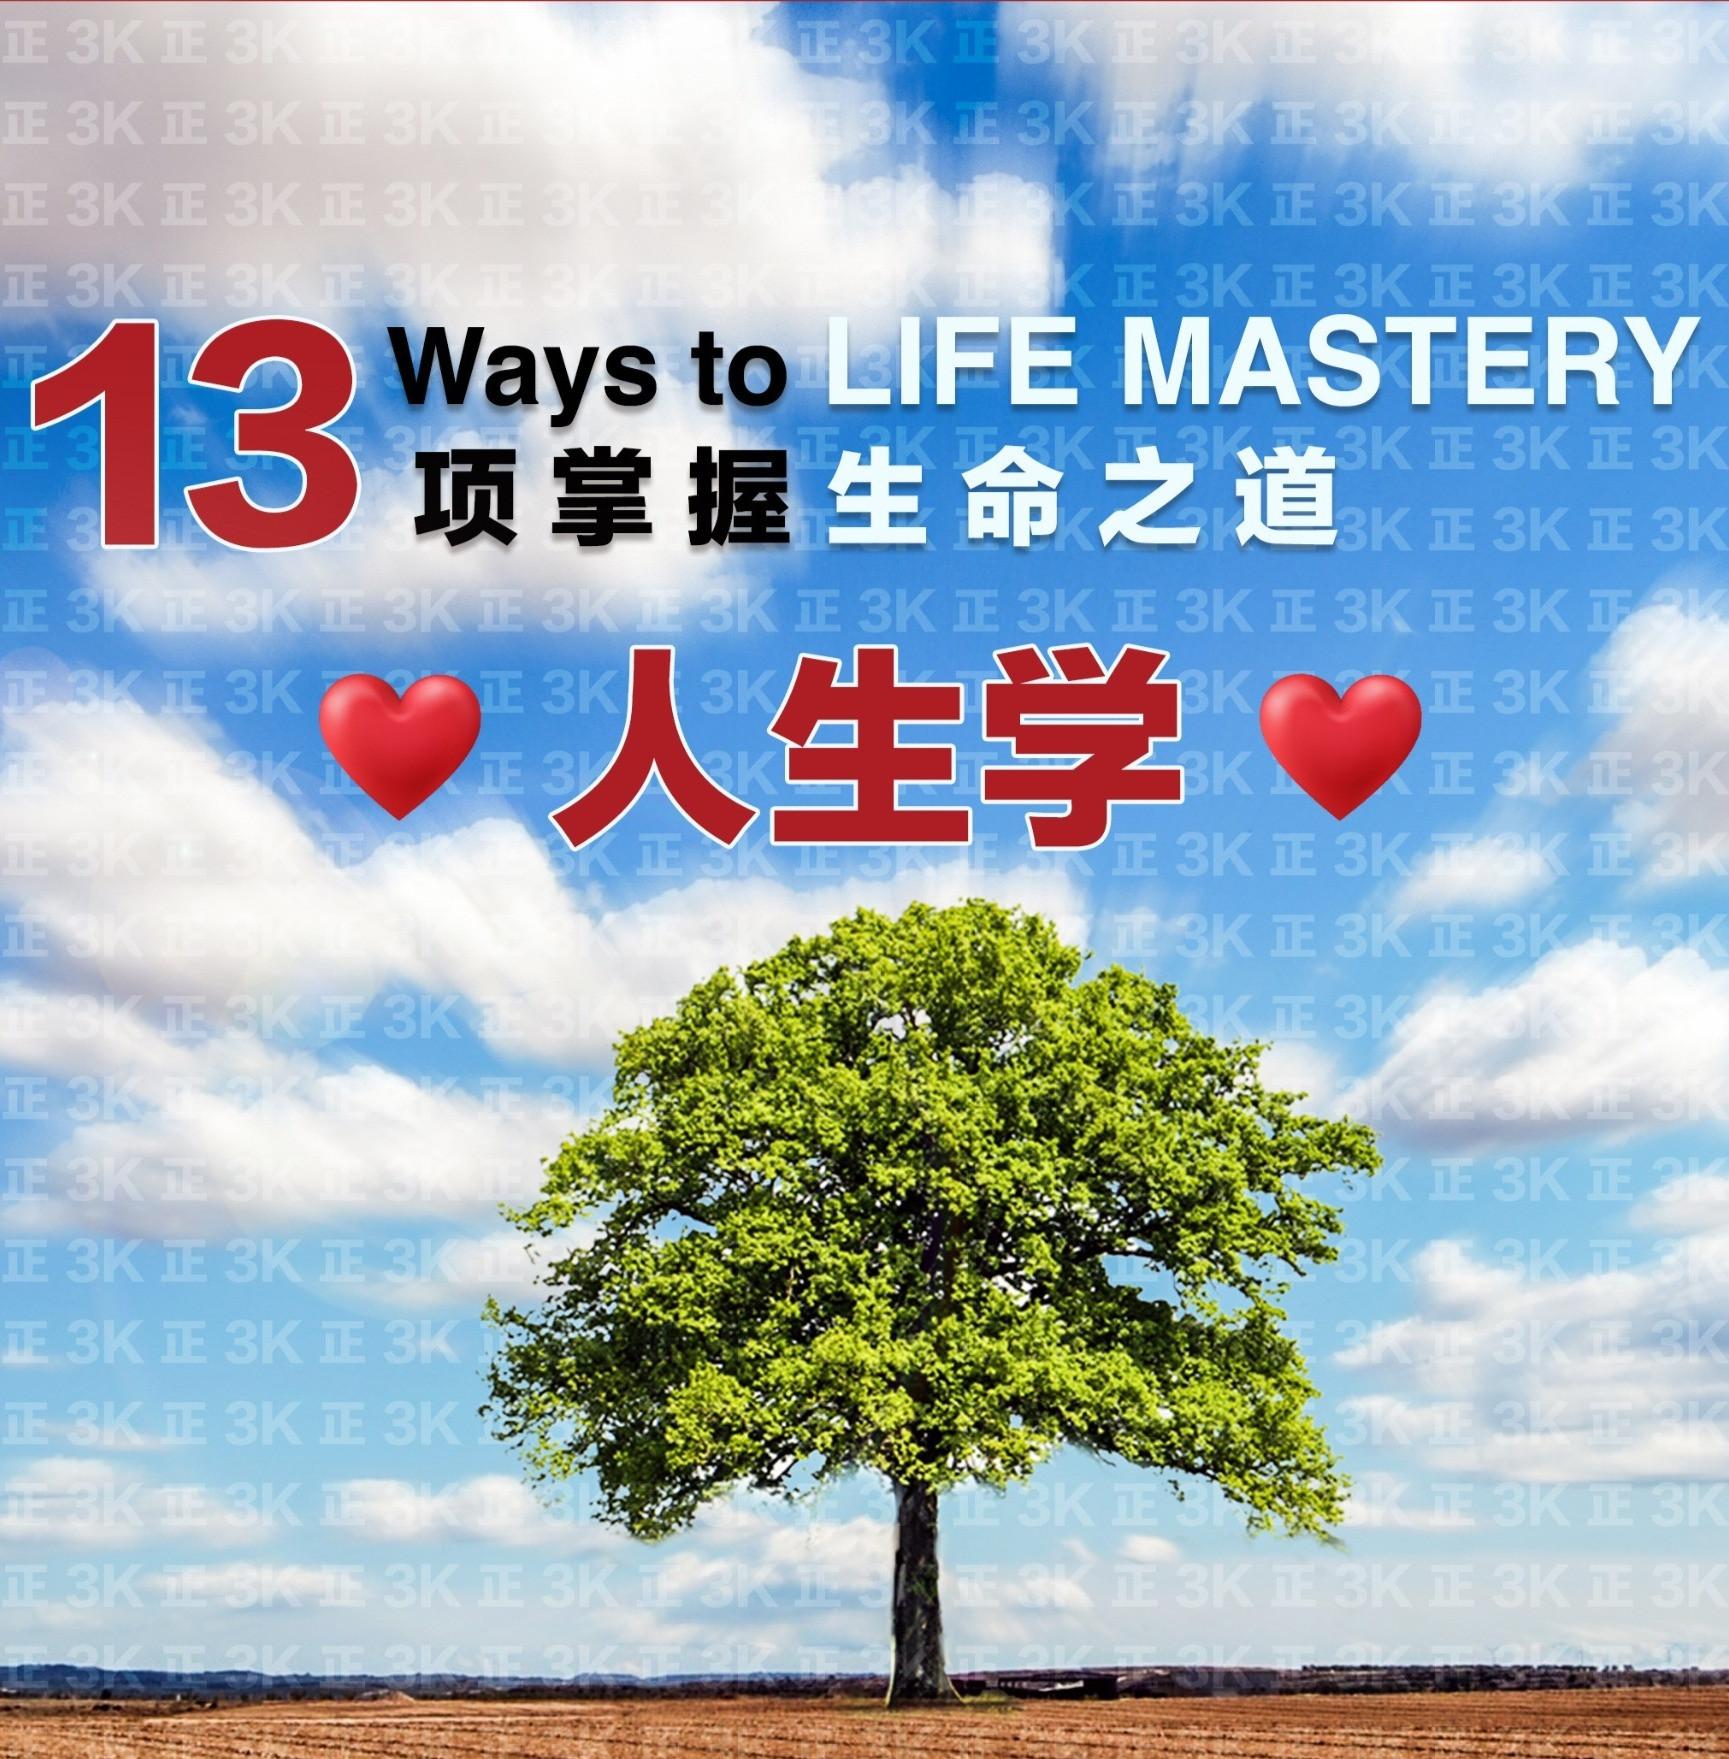 13 Ways to Life Mastery